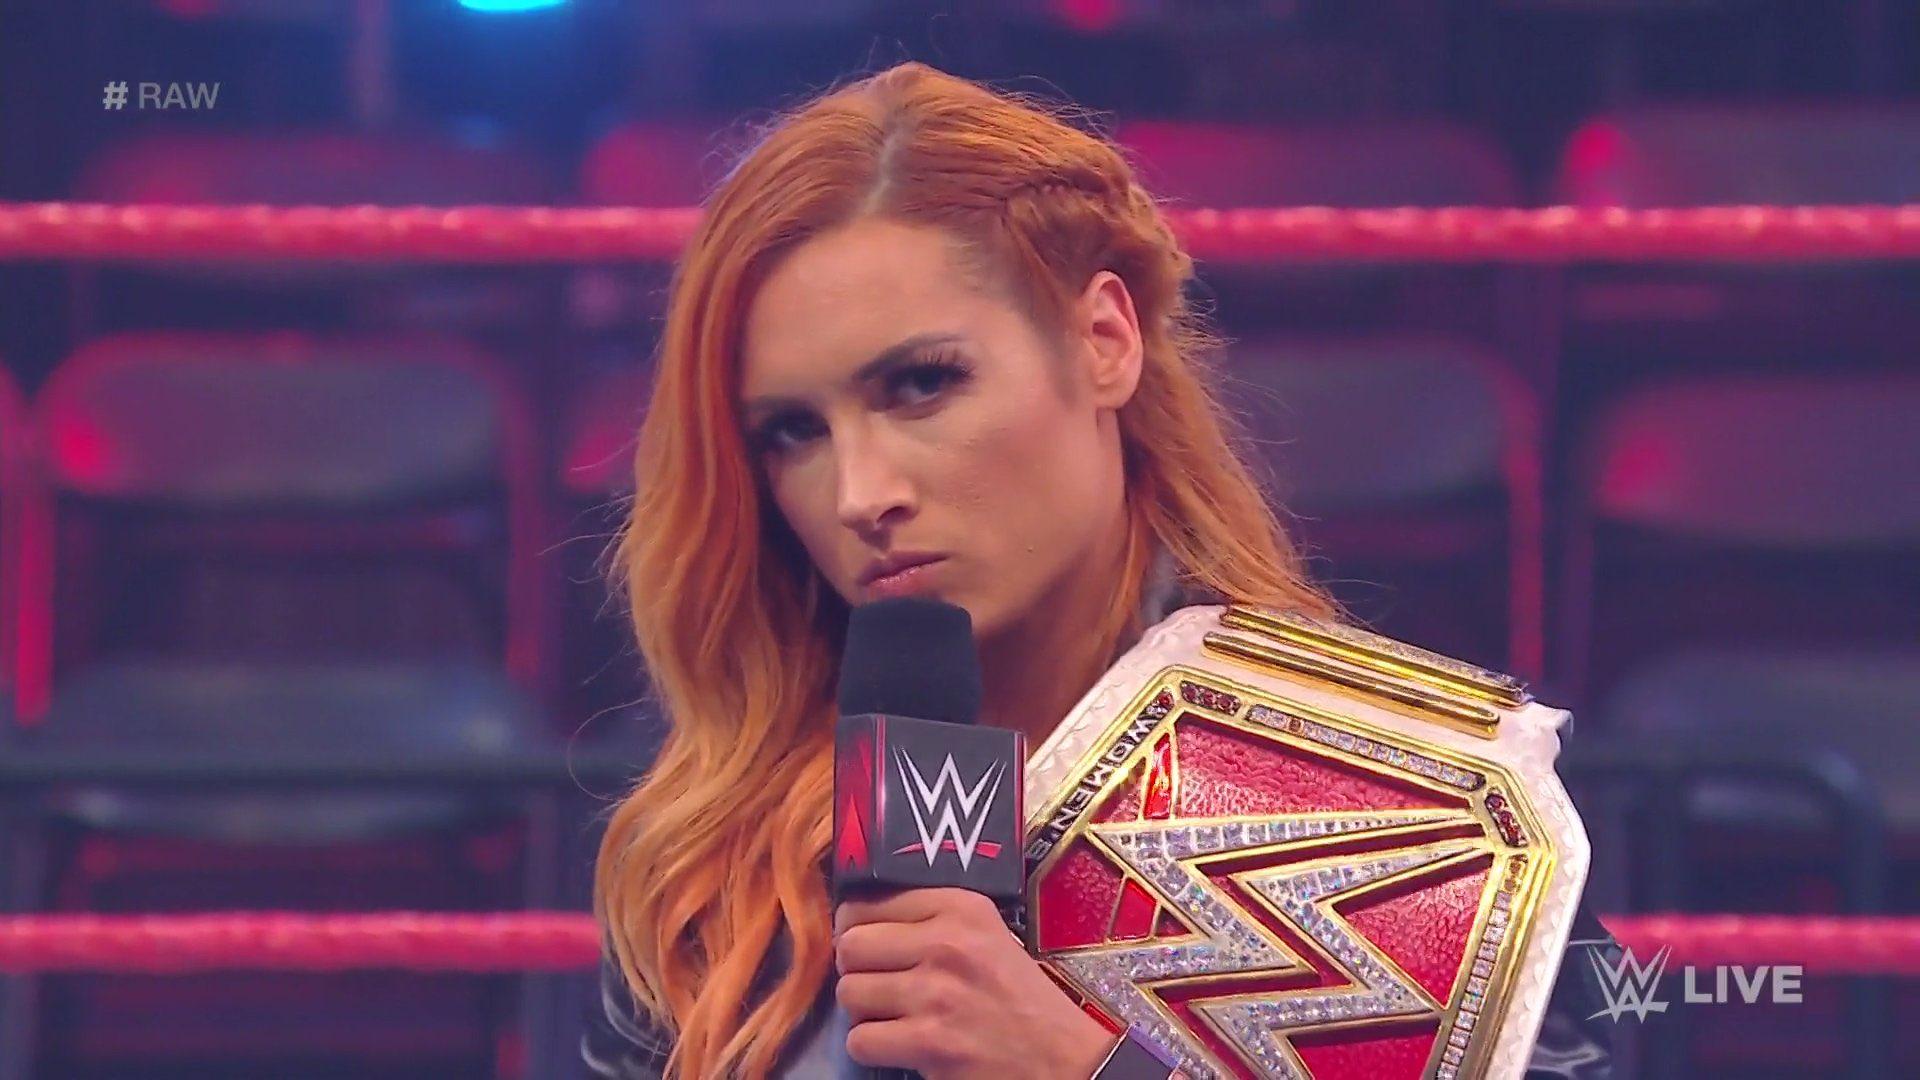 WWE RAW (16 de marzo 2020) | Resultados en vivo | 3:16 Day 13